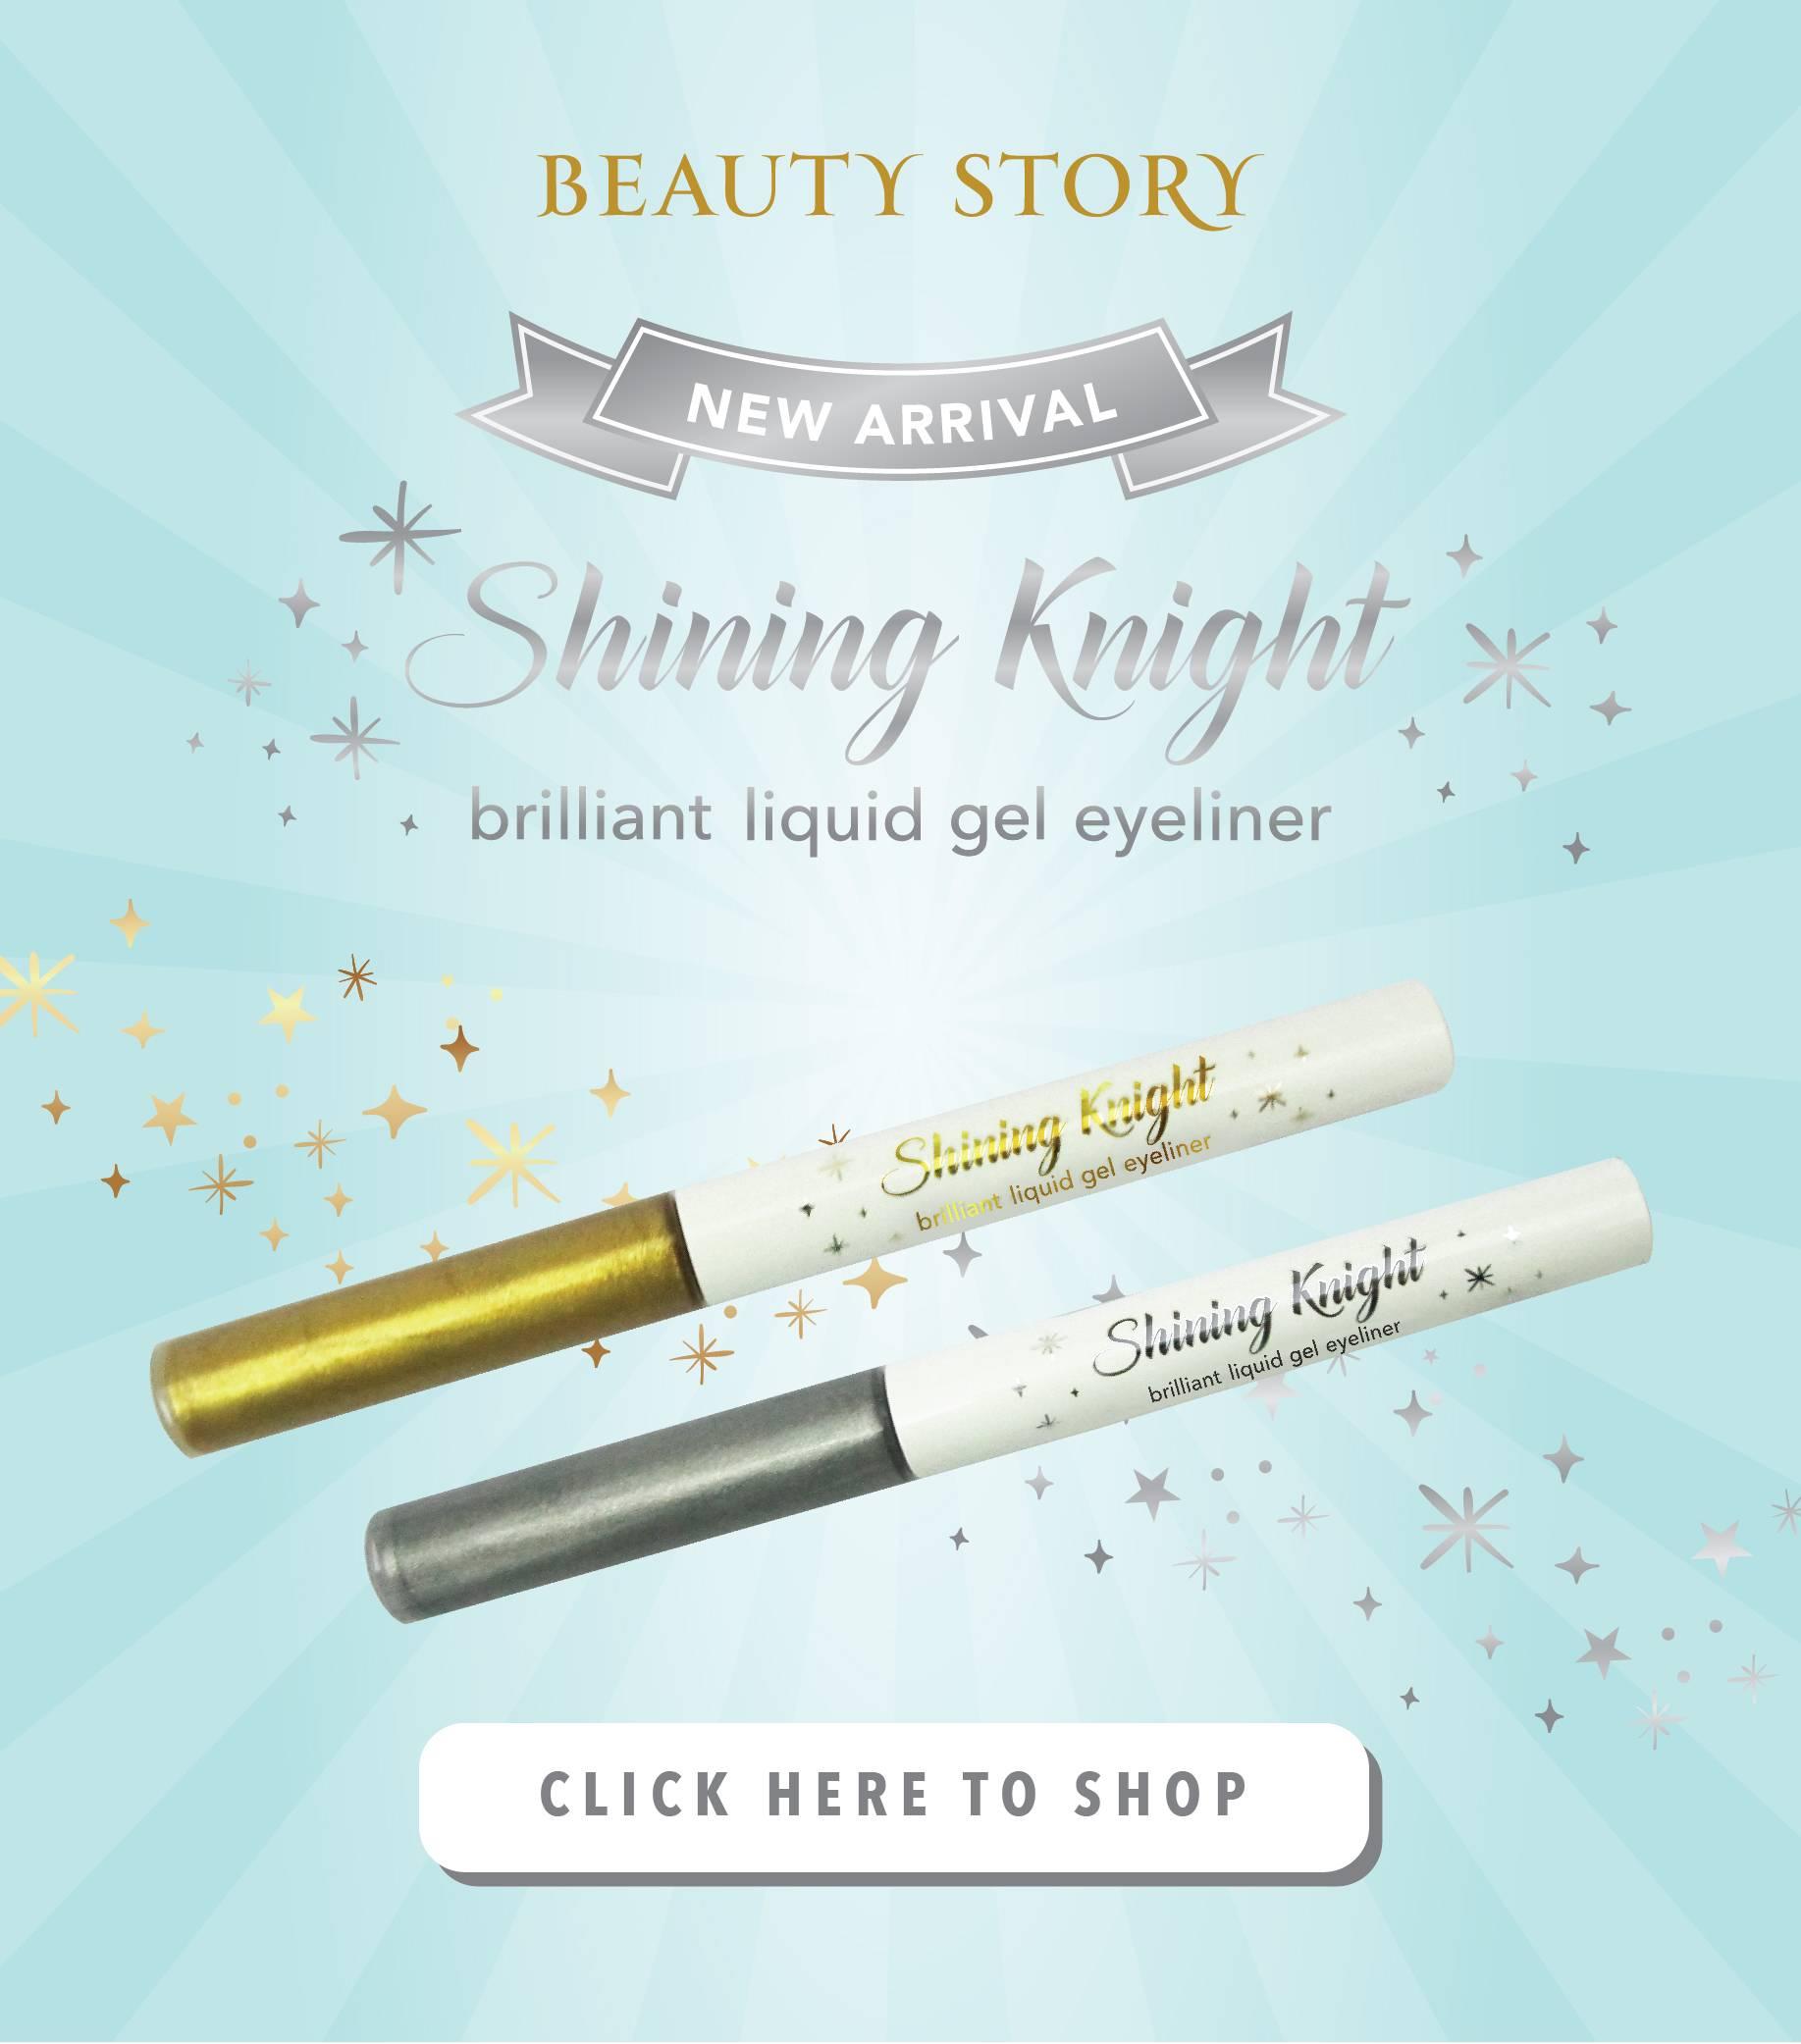 http://mybeautystory.com/product/shining-knight-20121